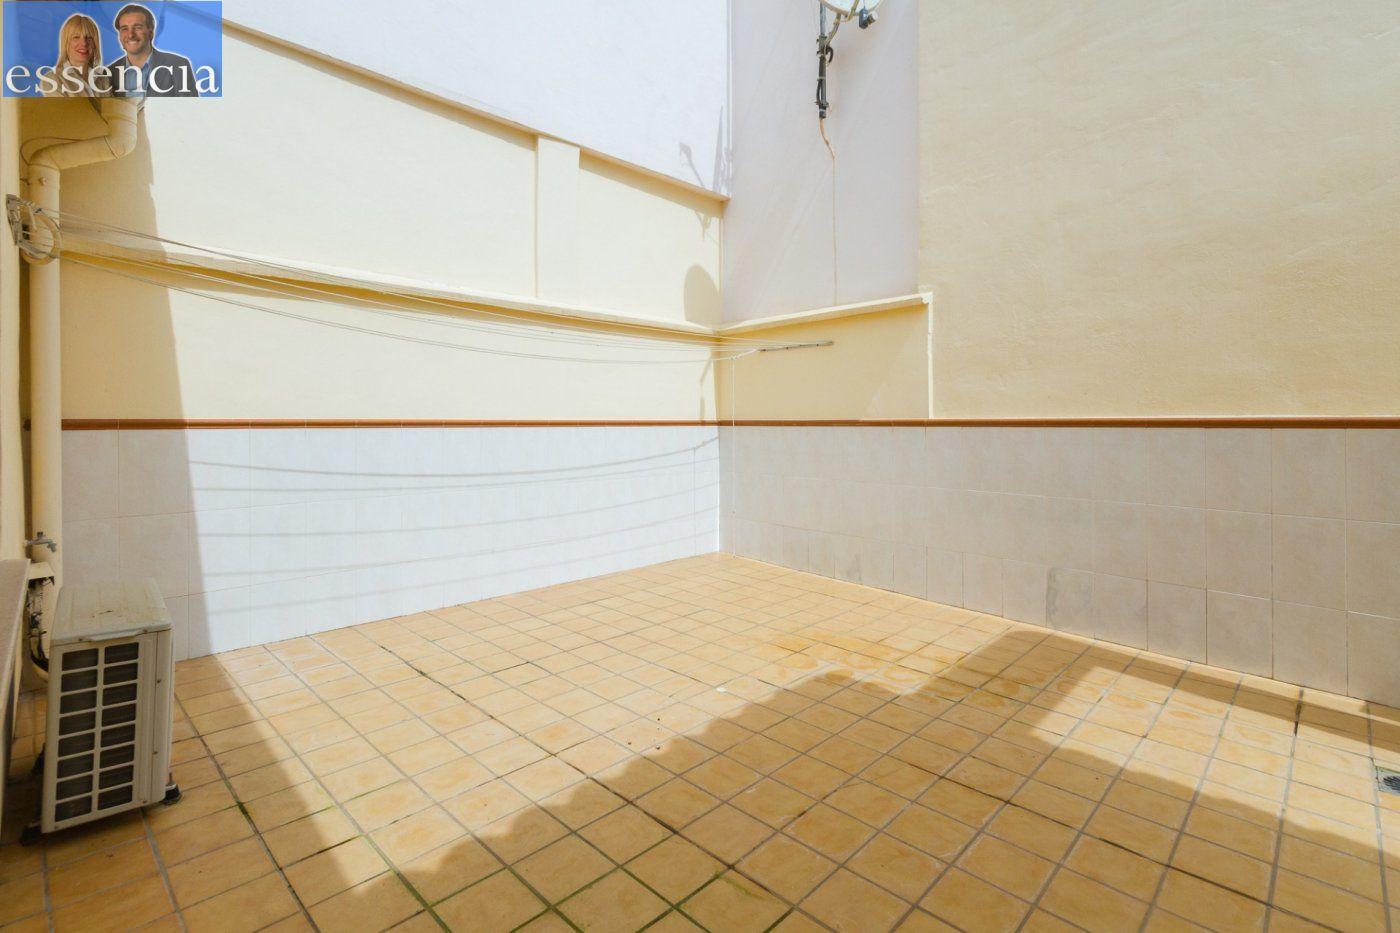 Casa con encanto en el centro de gandÍa para clientes vip - imagenInmueble18